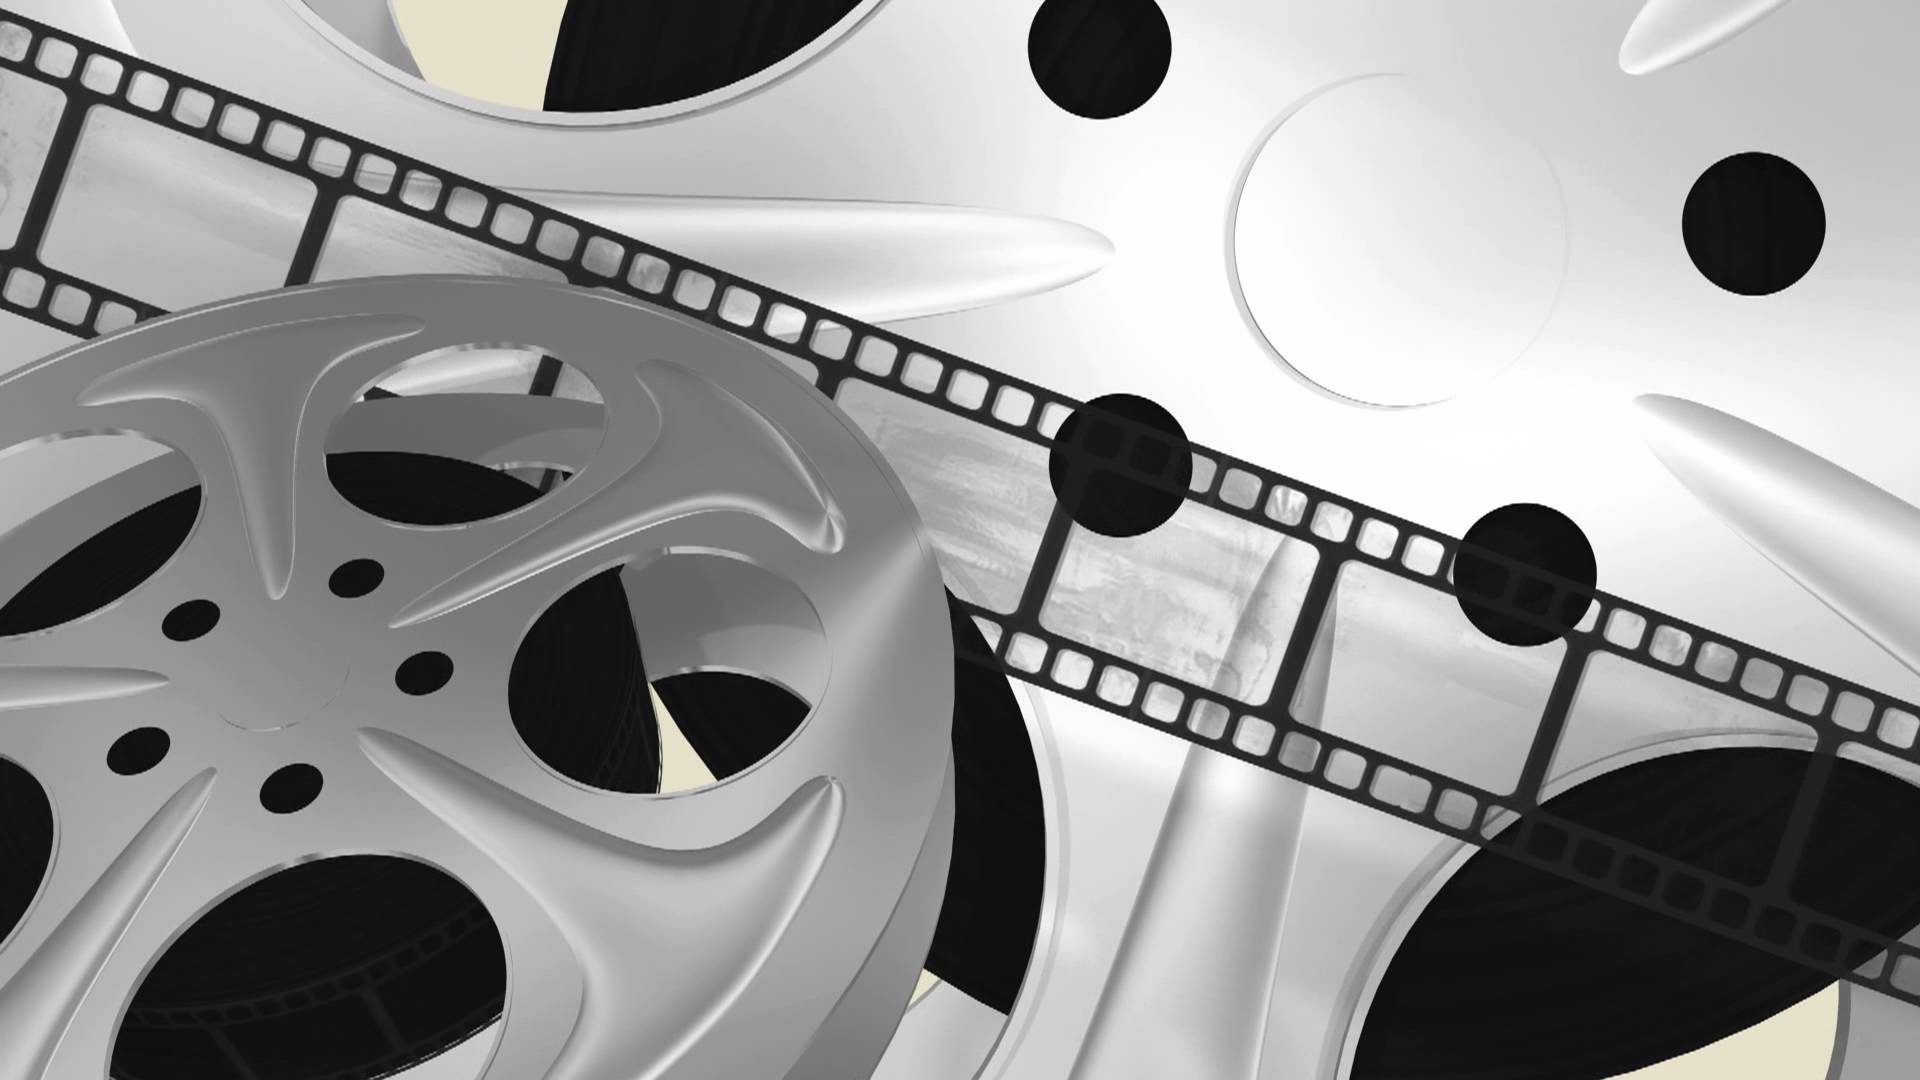 Film reels movie - free loop 3D animated HD background #02 - YouTube